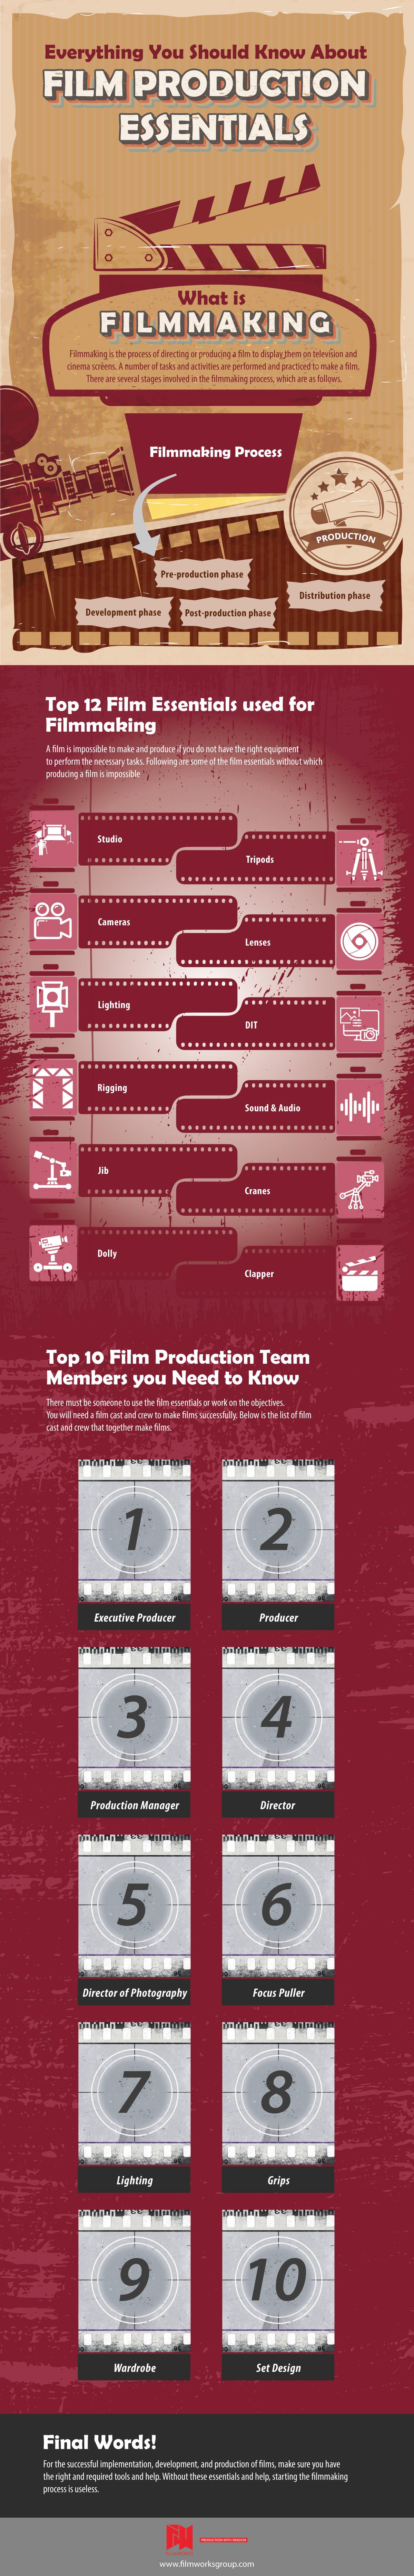 film production essentials